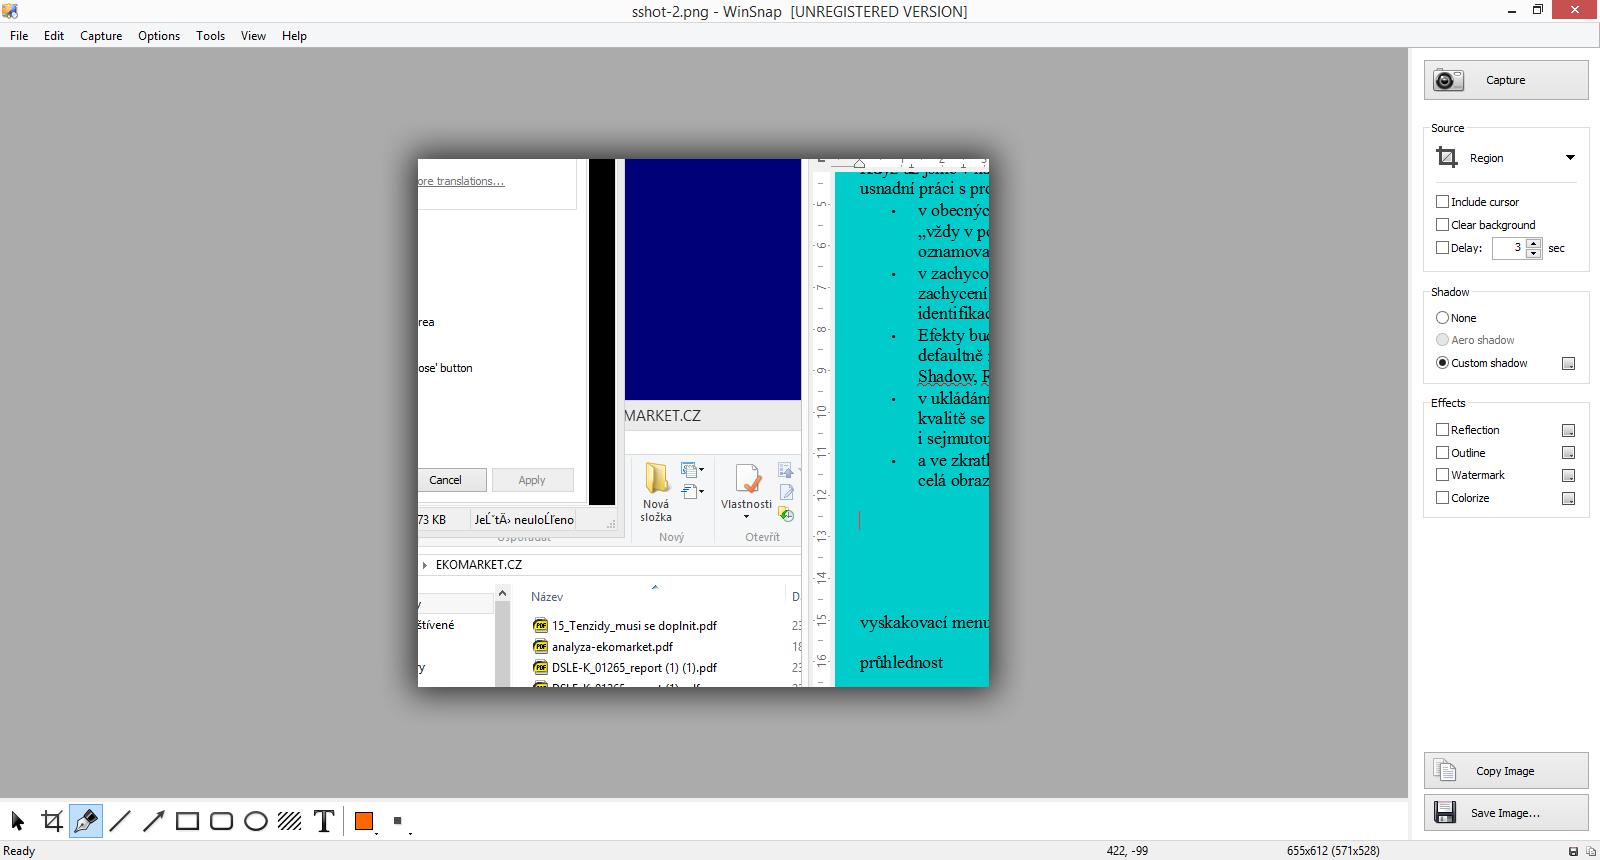 Zachycený snímek - vpravo menu screenshotu - dole editační menu